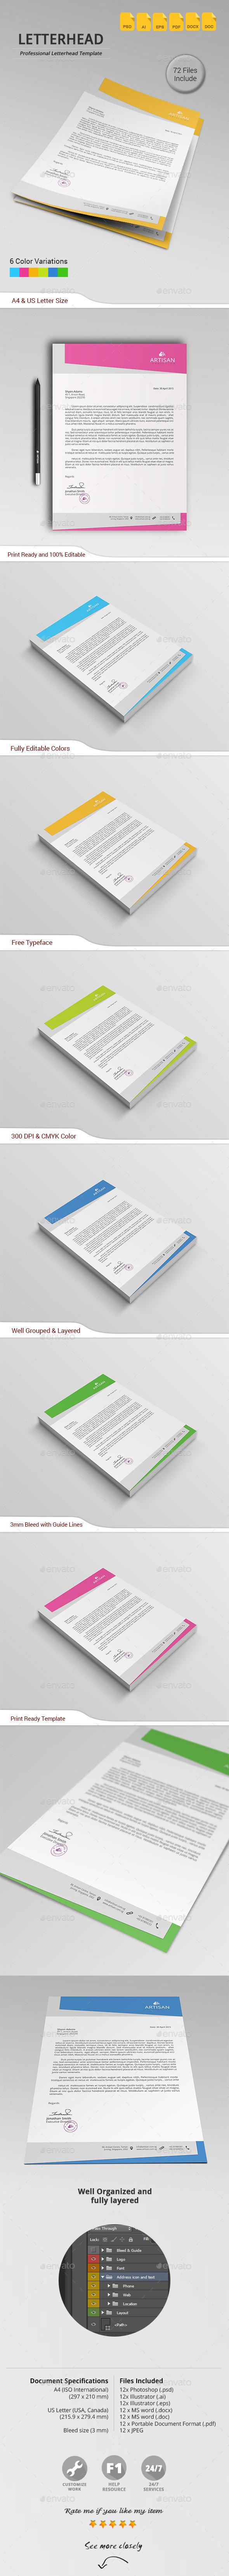 GraphicRiver Letterhead 11179526